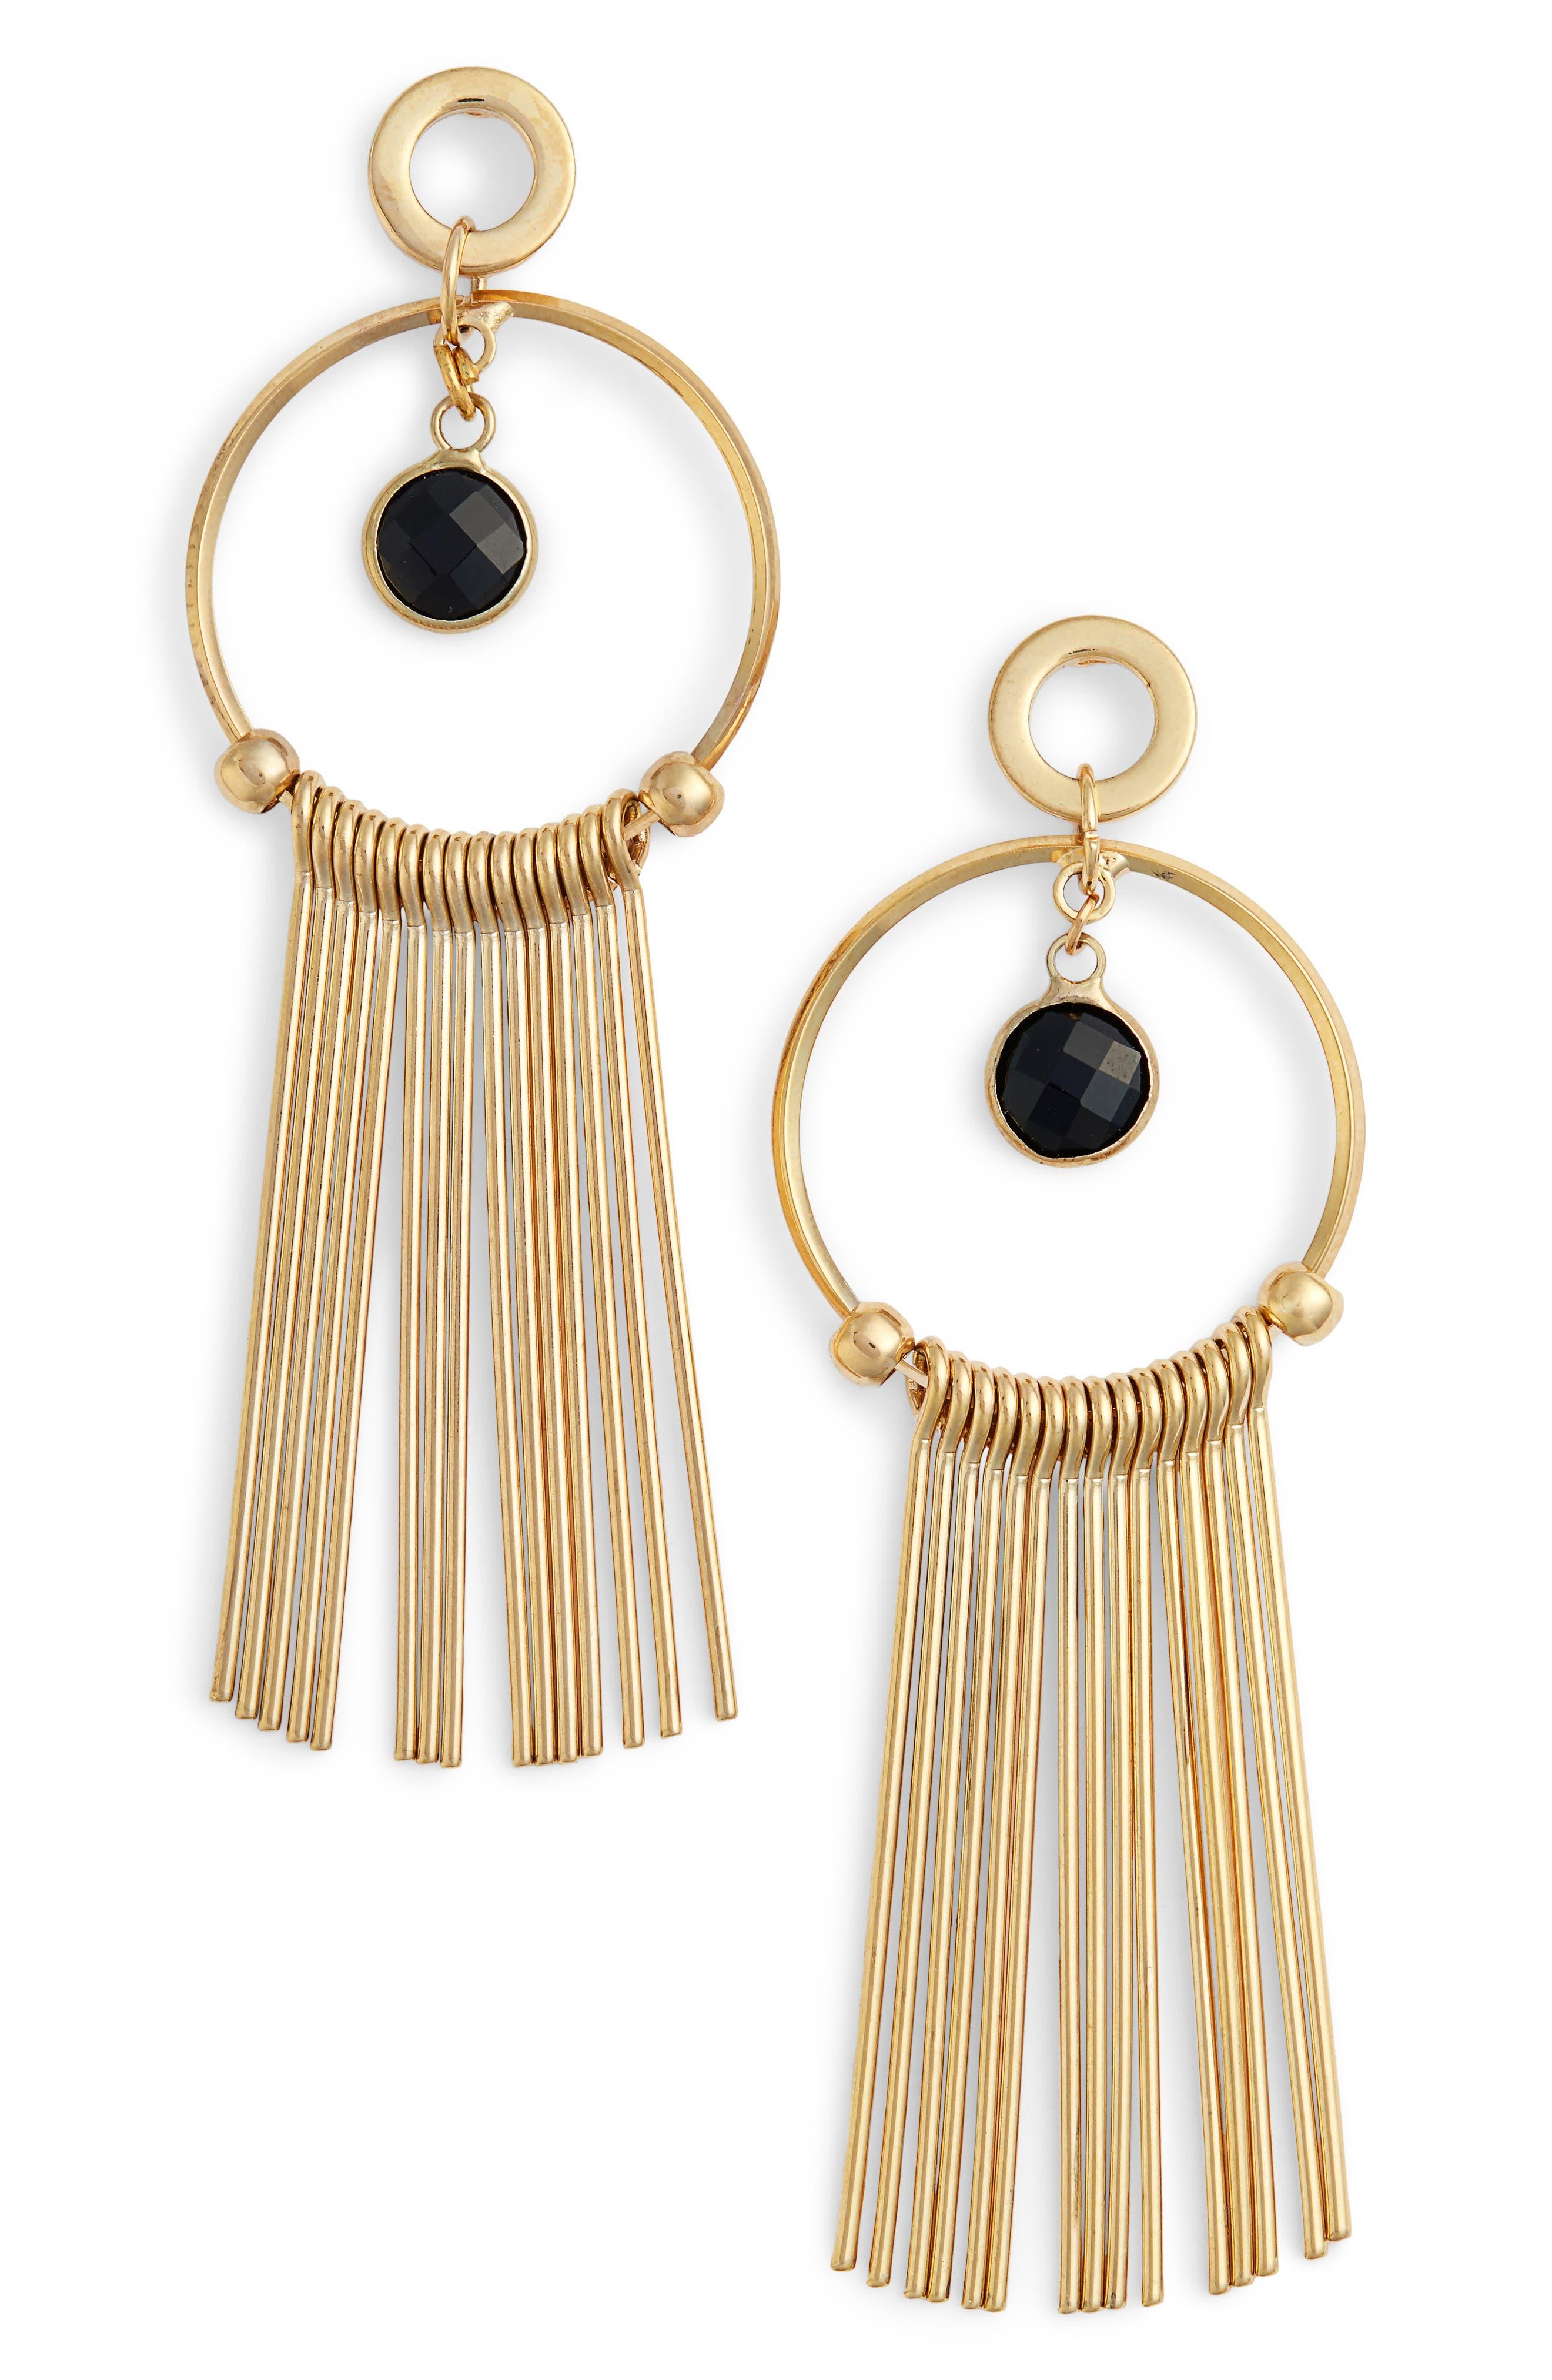 Lilia Spike & Crystal Hoop Earrings,                             Main thumbnail 1, color,